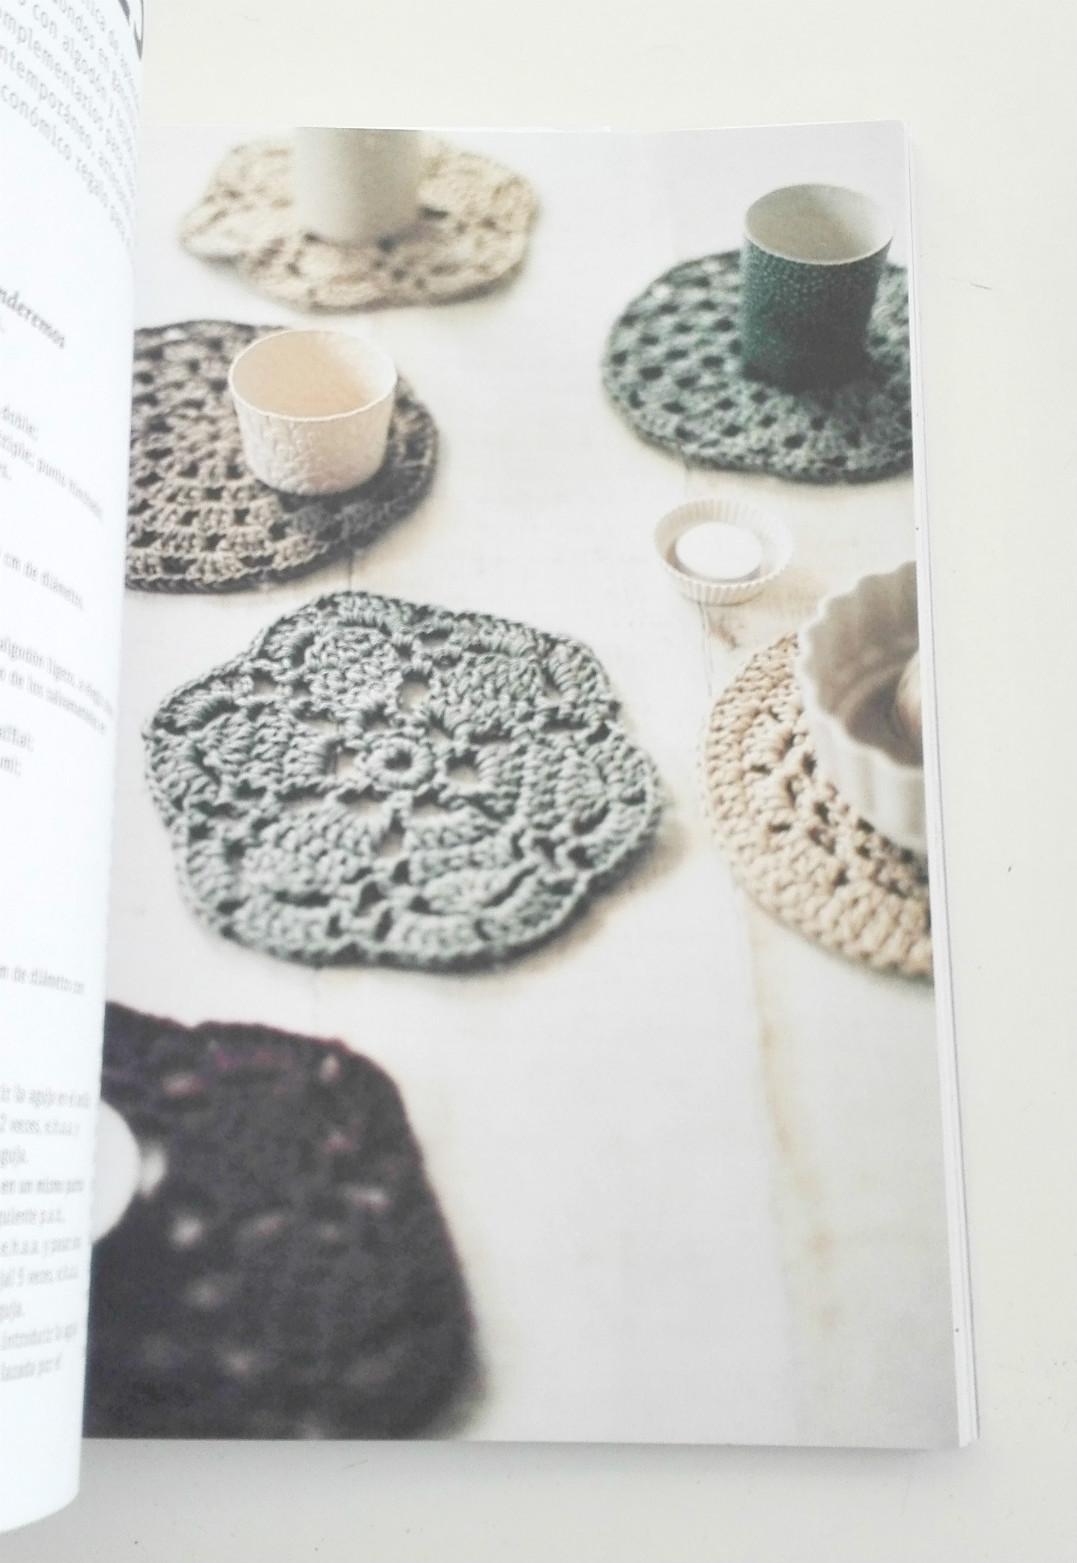 ganchillo archivos - Página 7 de 13 - Handbox Craft Lovers ...